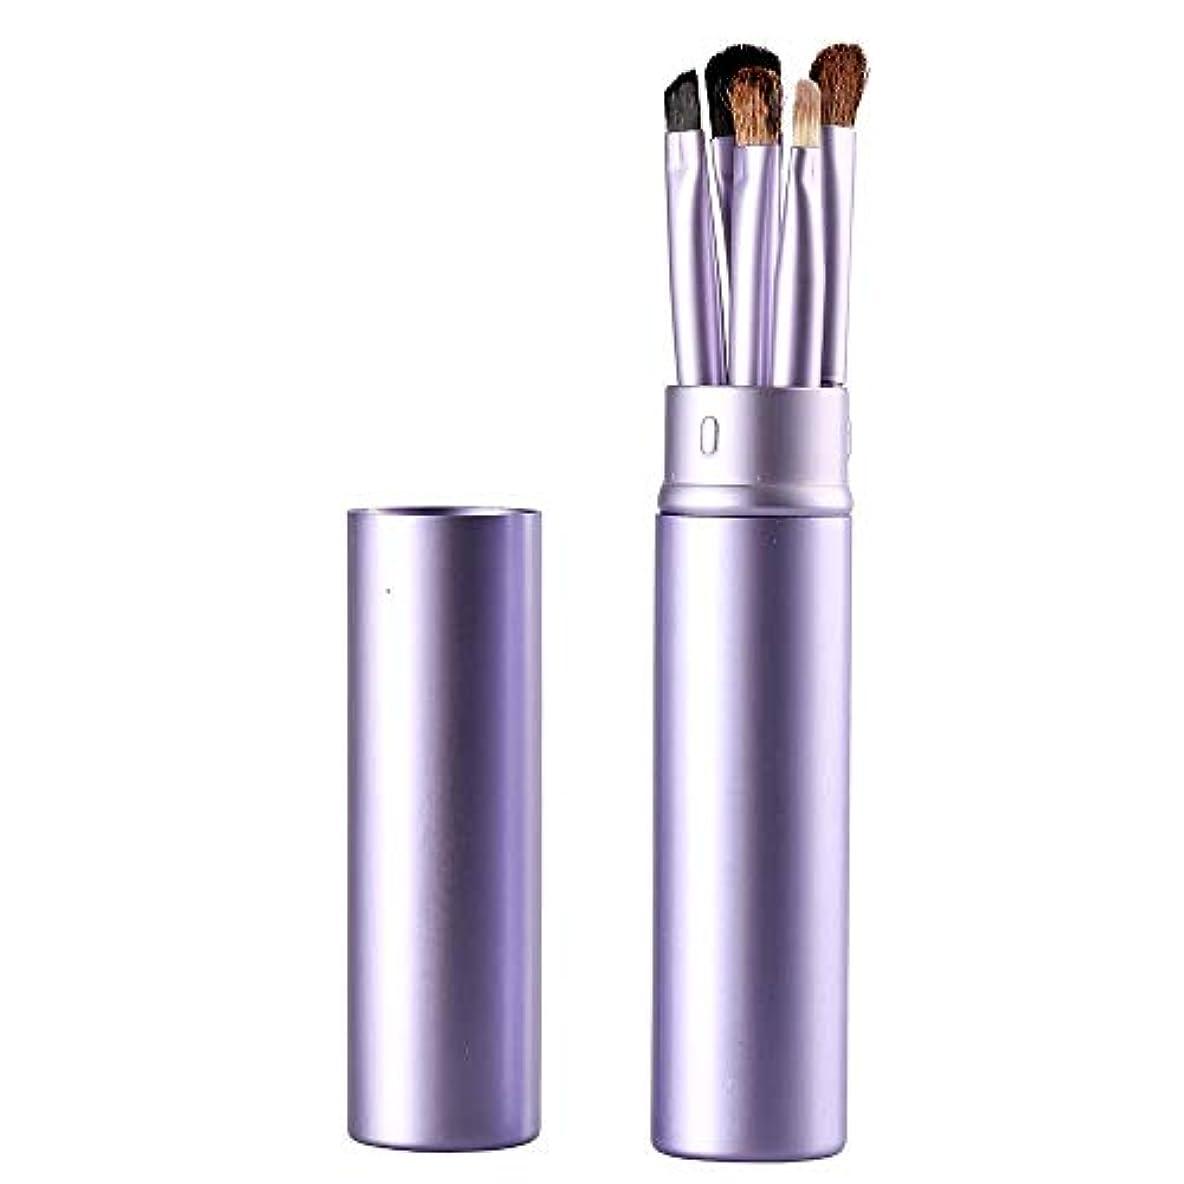 麻酔薬ペストリー遷移Makeup brushes 紫色、アイメイクブラシセットブラシ5アイブラシメイクペン美容メイクツールで化粧チューブ保護 suits (Color : Purple)